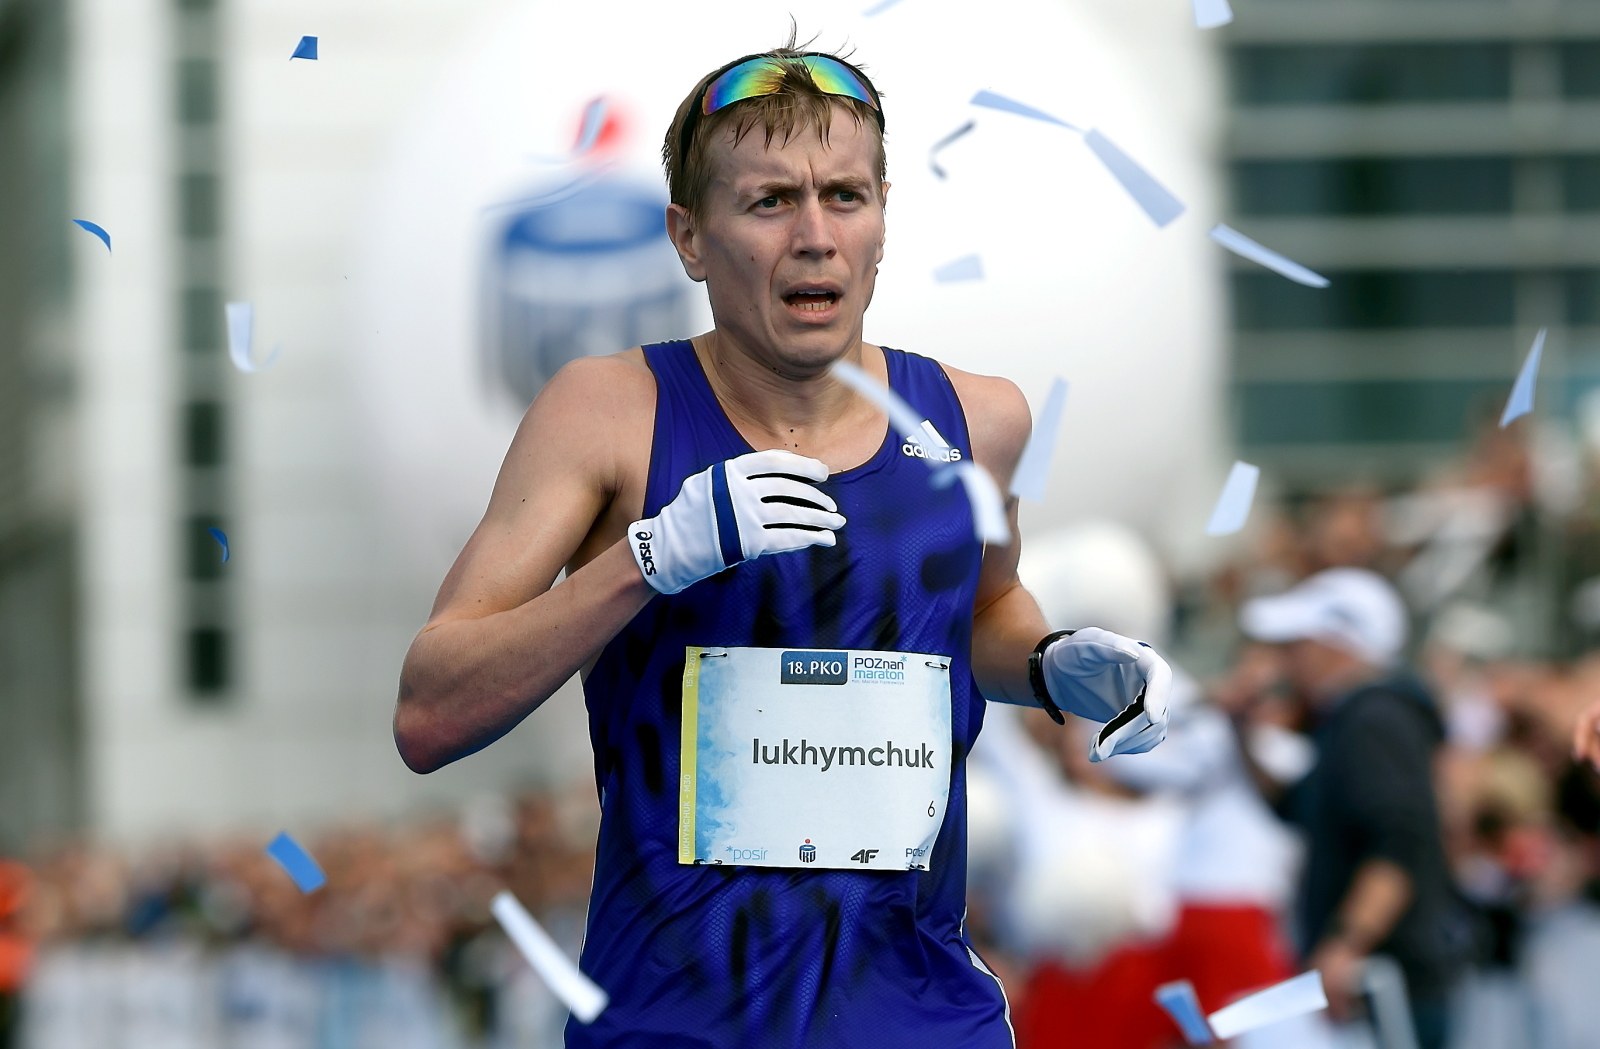 Poznań, Zwycięzca Ukrainiec Mykola Iukhymchuk na mecie PKO Poznań Maratonu PAP/Jakub Kaczmarczyk